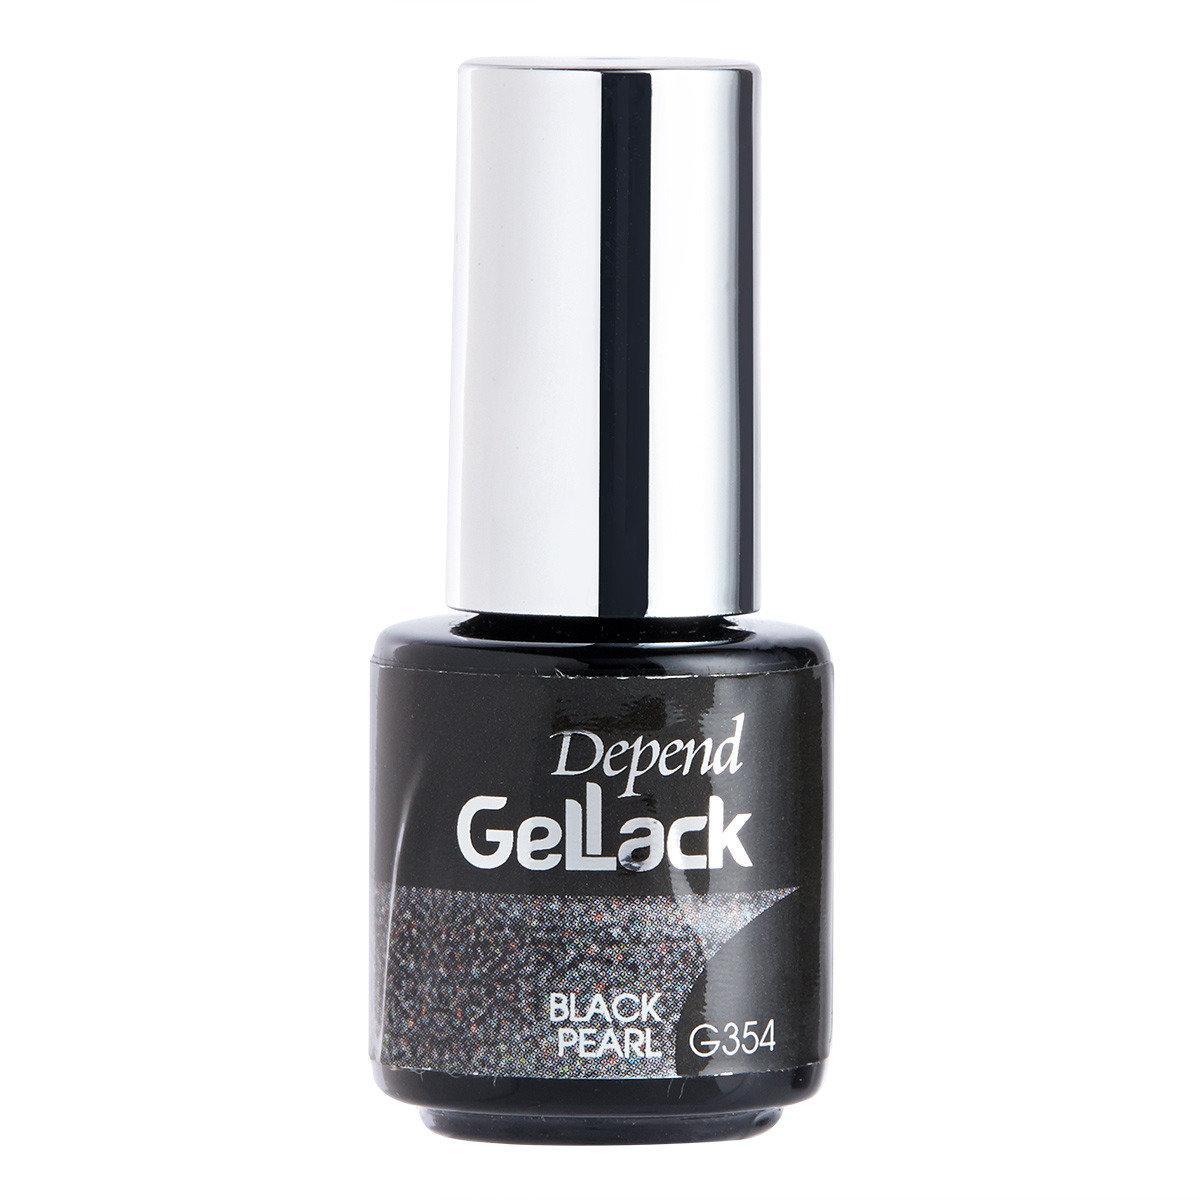 GELLACK指甲油-G354